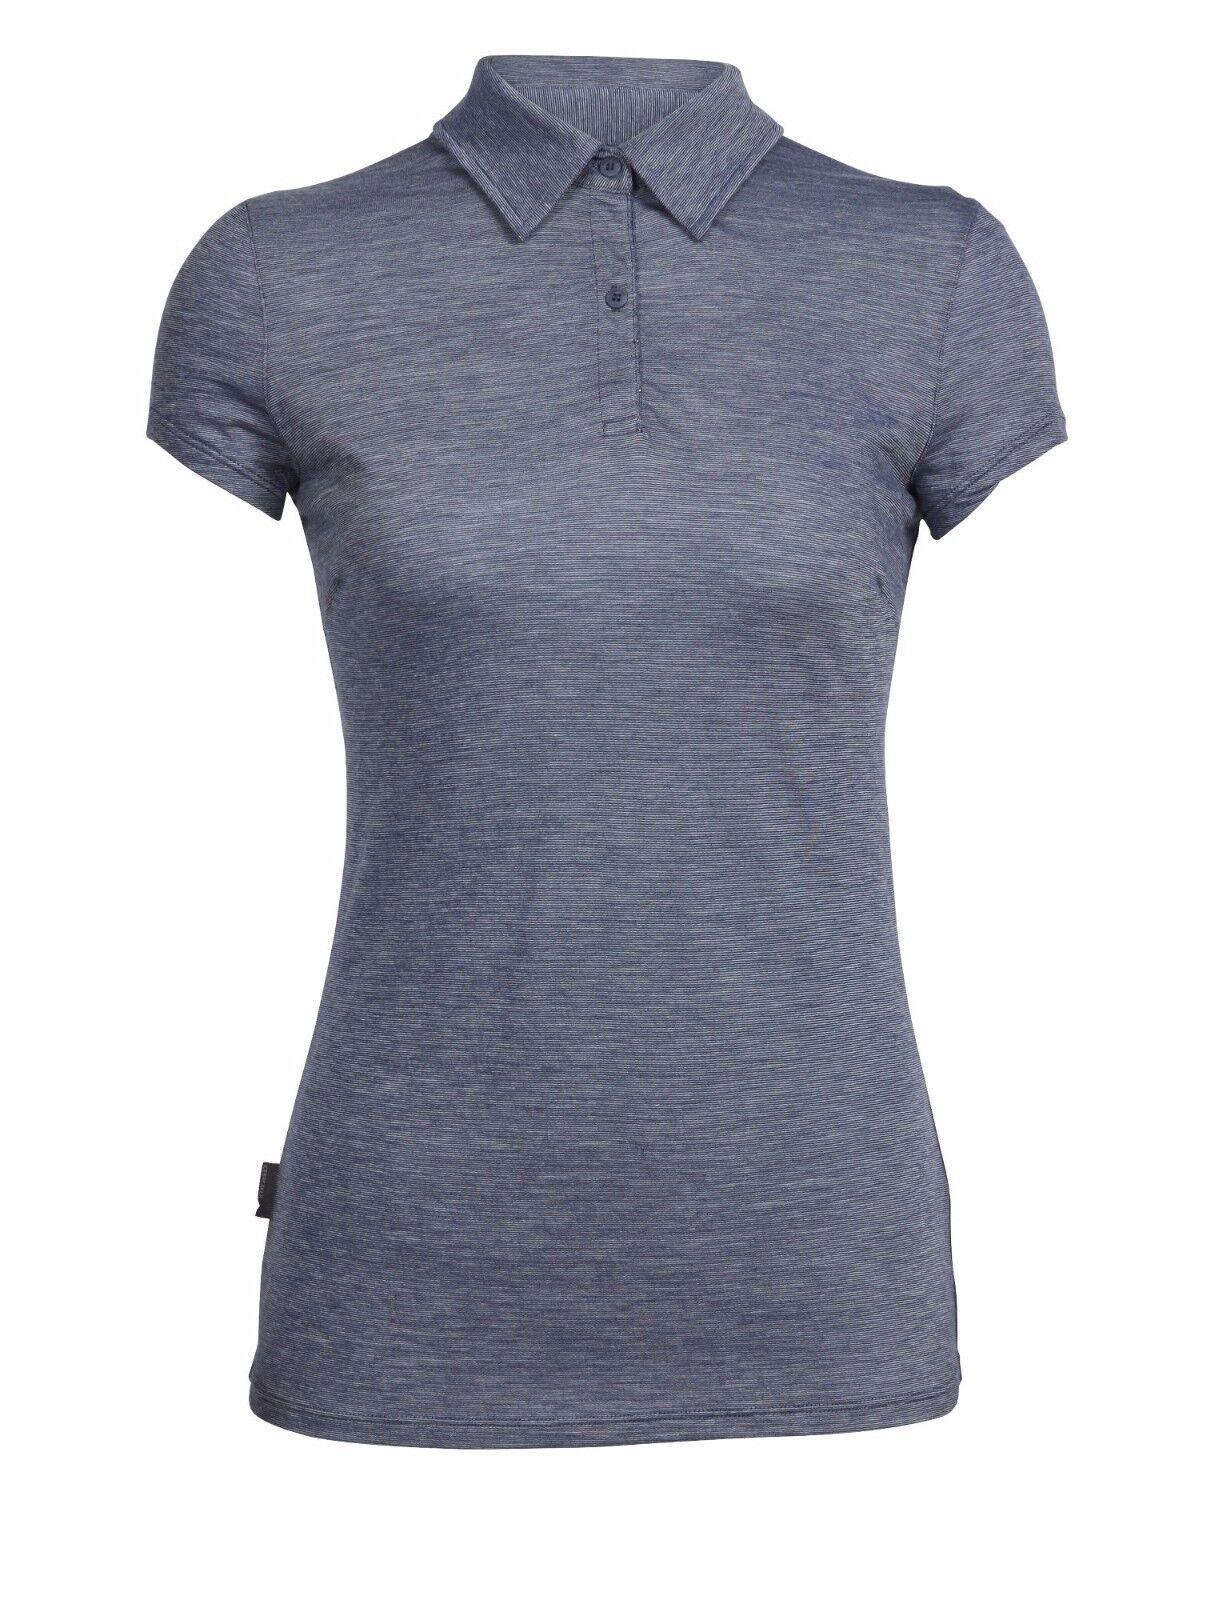 Icebreaker Cool-Lite Sphere Short Sleeve Polo Stripes Damen Shirt Merino Wolle